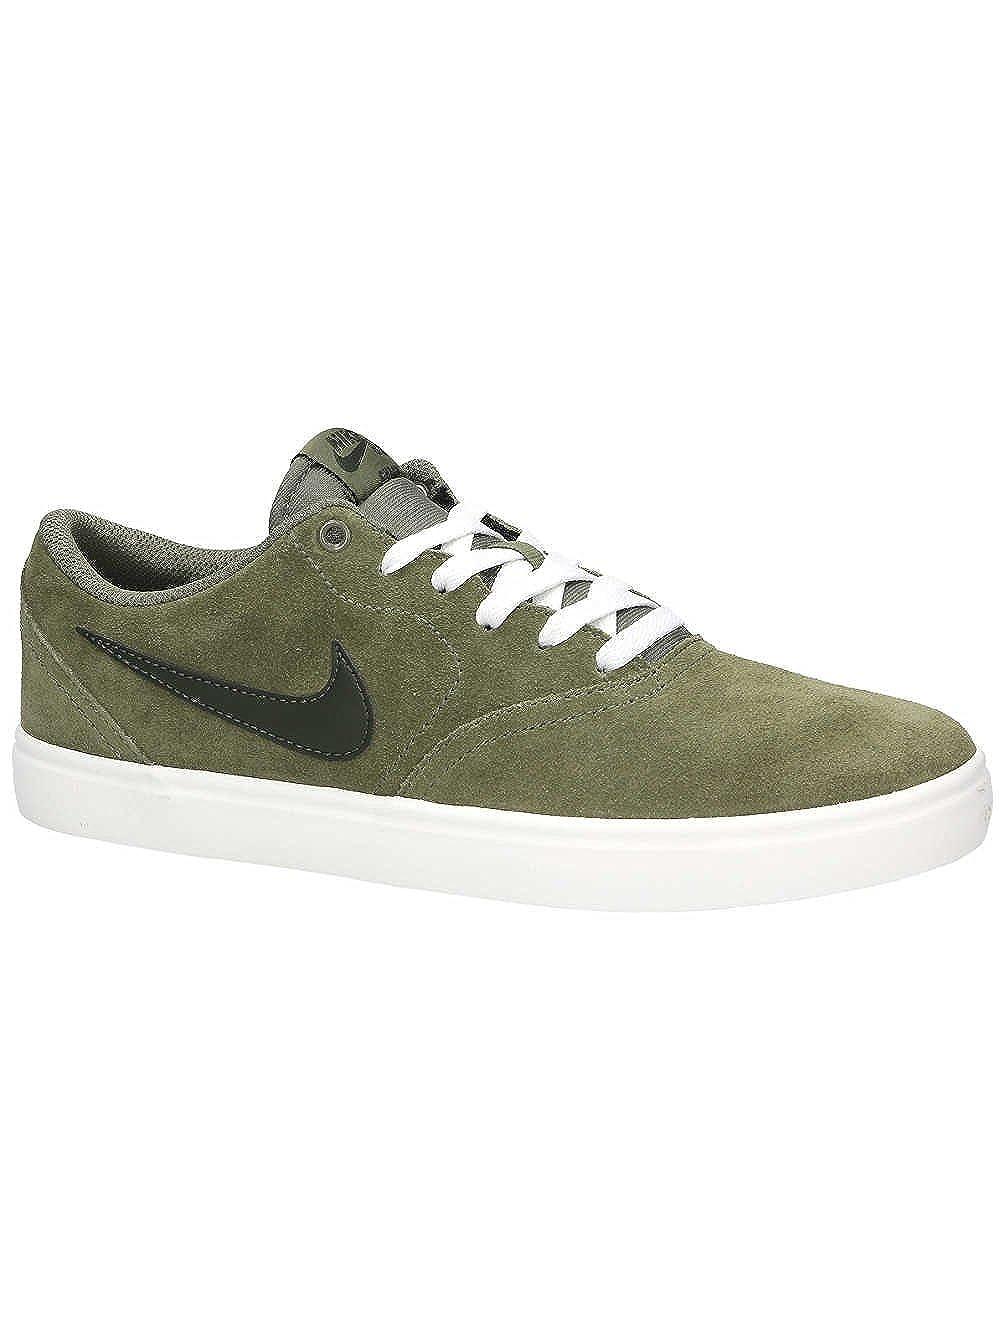 new product 6df7c ca398 Nike SB Check Solar, Zapatillas de Deporte Unisex Adulto  Amazon.es  Zapatos  y complementos